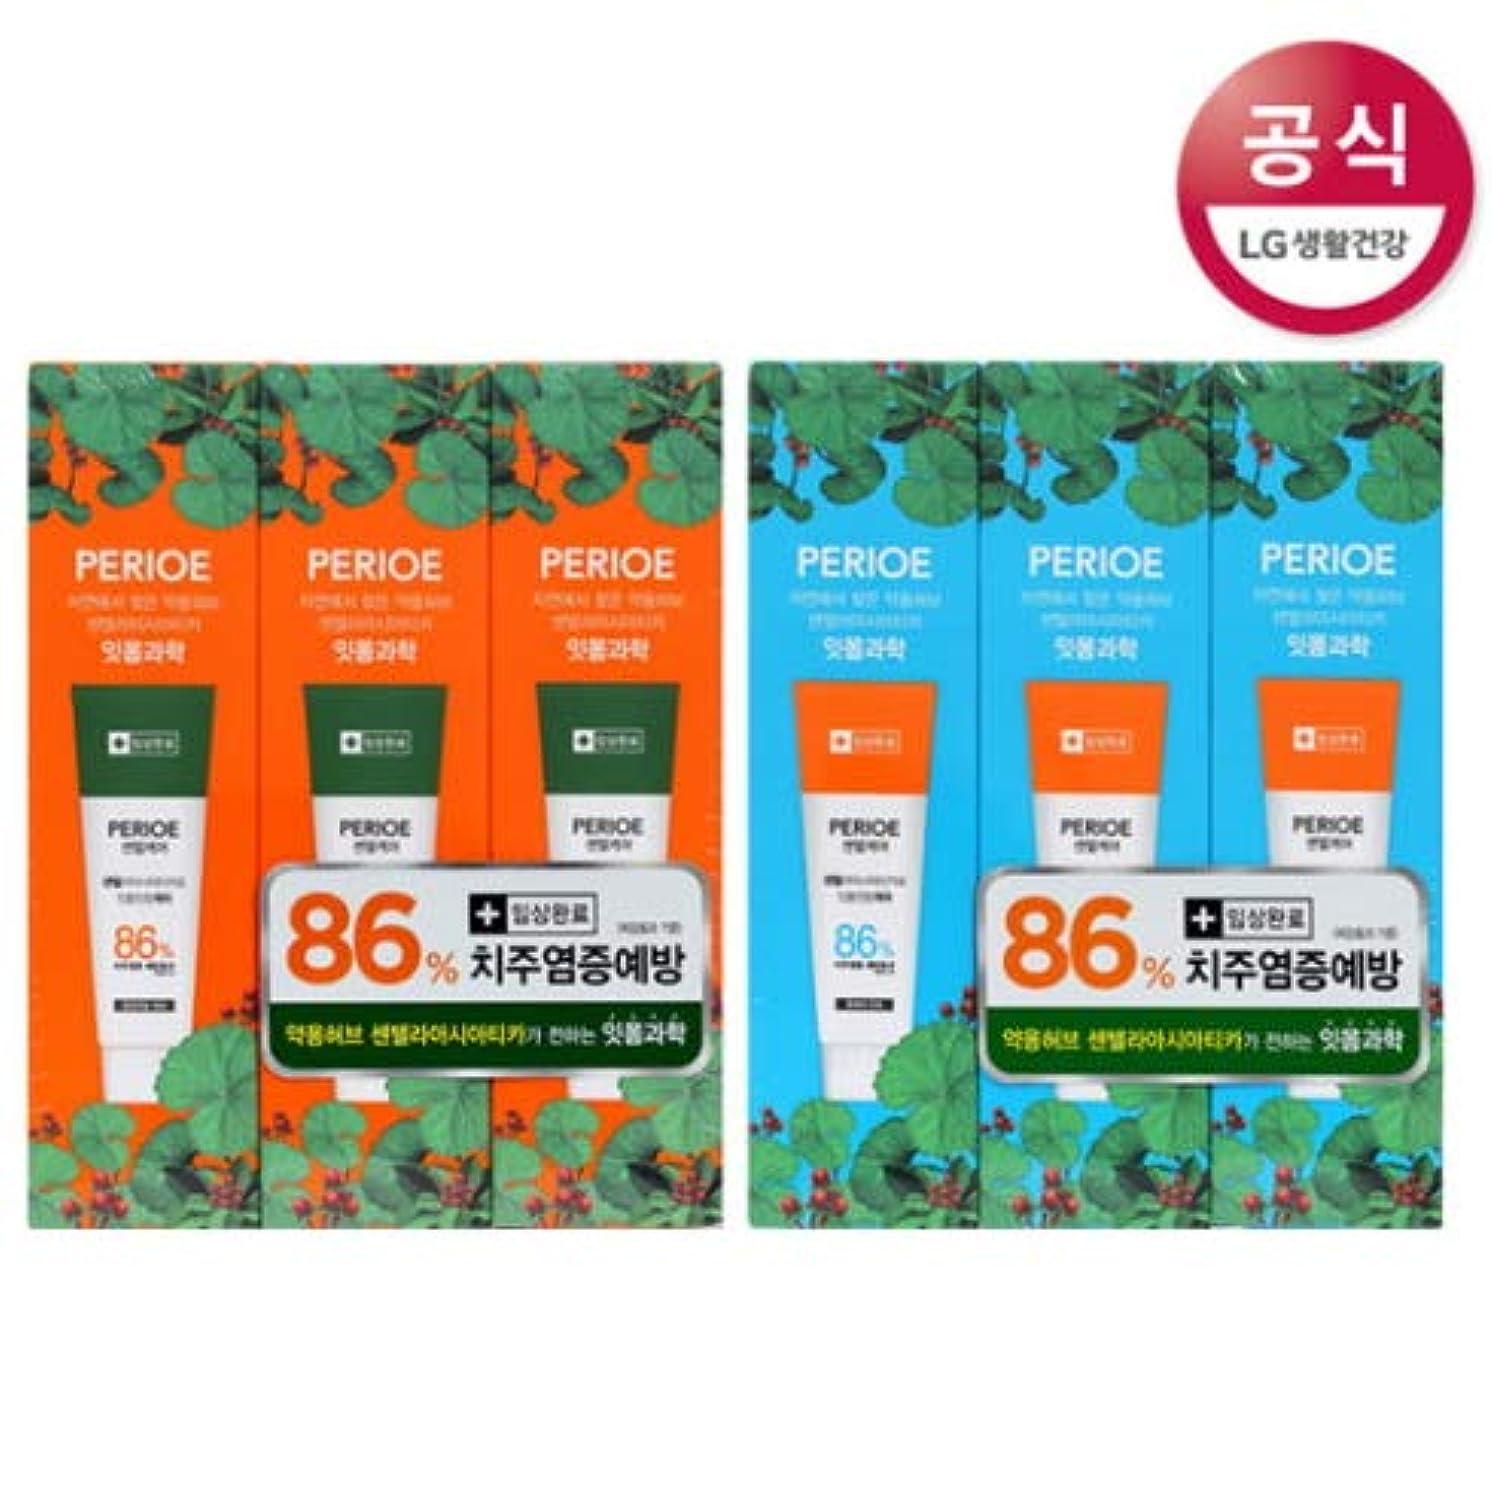 ホステル粘性の雄大な[LG HnB] Perio centel care toothpaste/ペリオセンテルケア歯磨き粉 100gx6個(海外直送品)